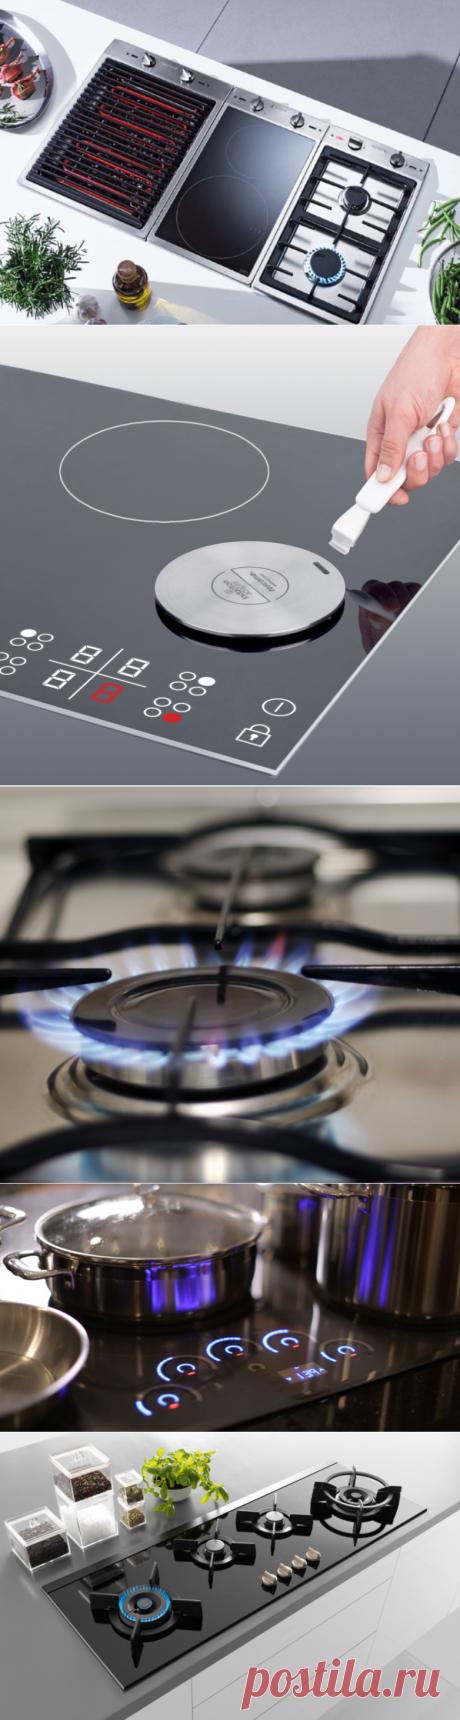 Как выбрать варочную панель | Техника для кухни